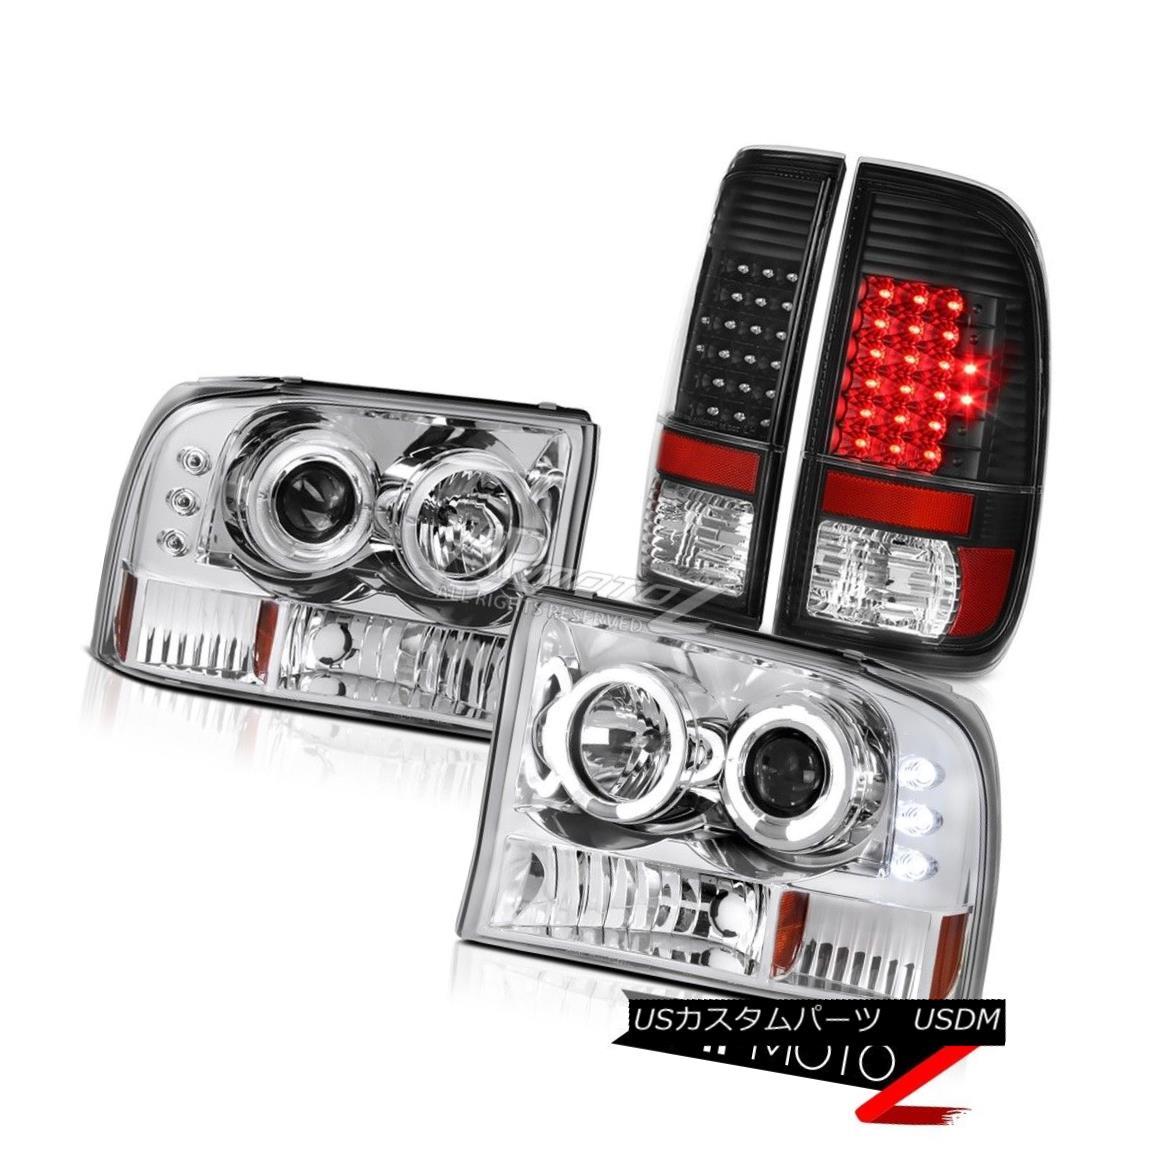 テールライト Chrome Halo LED Headlights Black Taillamps 99 00 01 02 03 04 Ford F250 F350 XLT クローム・ハローLEDヘッドライトブラック・タイルランプ99 00 01 02 03 04フォードF250 F350 XLT